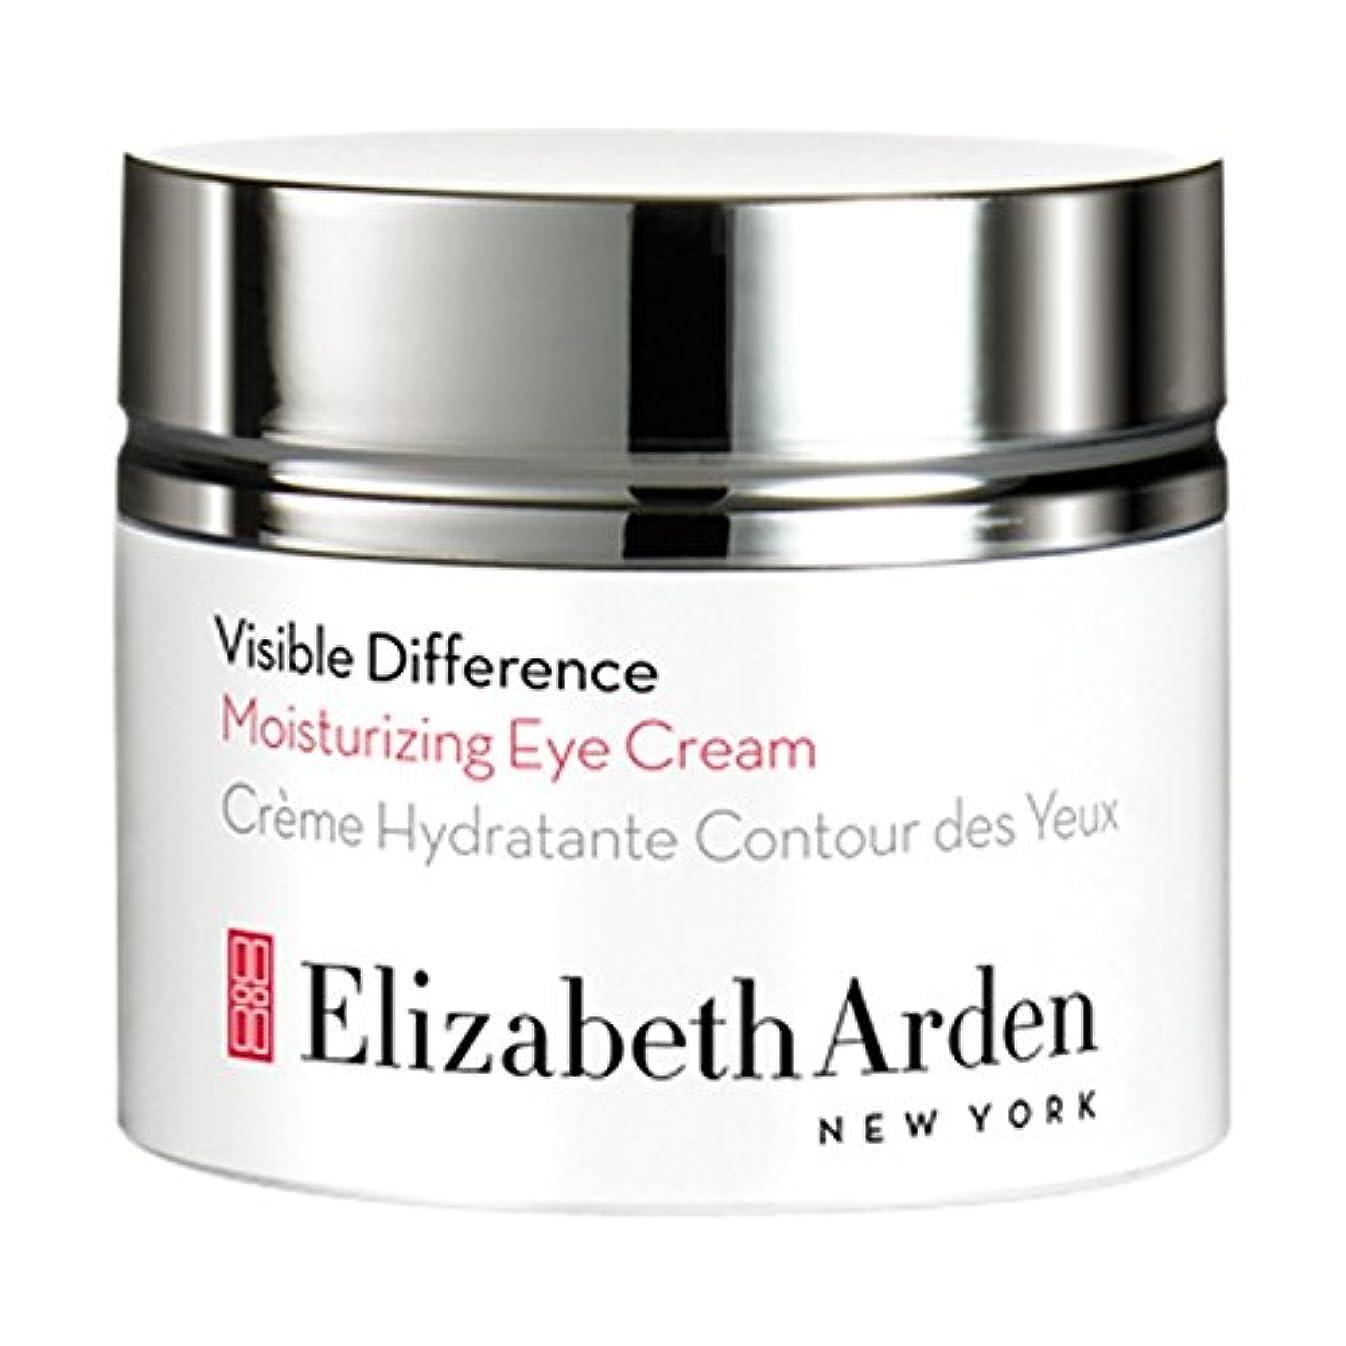 温帯植物の軽くエリザベスは、目に見える差保湿アイクリーム15ミリリットルをアーデン x2 - Elizabeth Arden Visible Difference Moisturizing Eye Cream 15ml (Pack of 2) [並行輸入品]